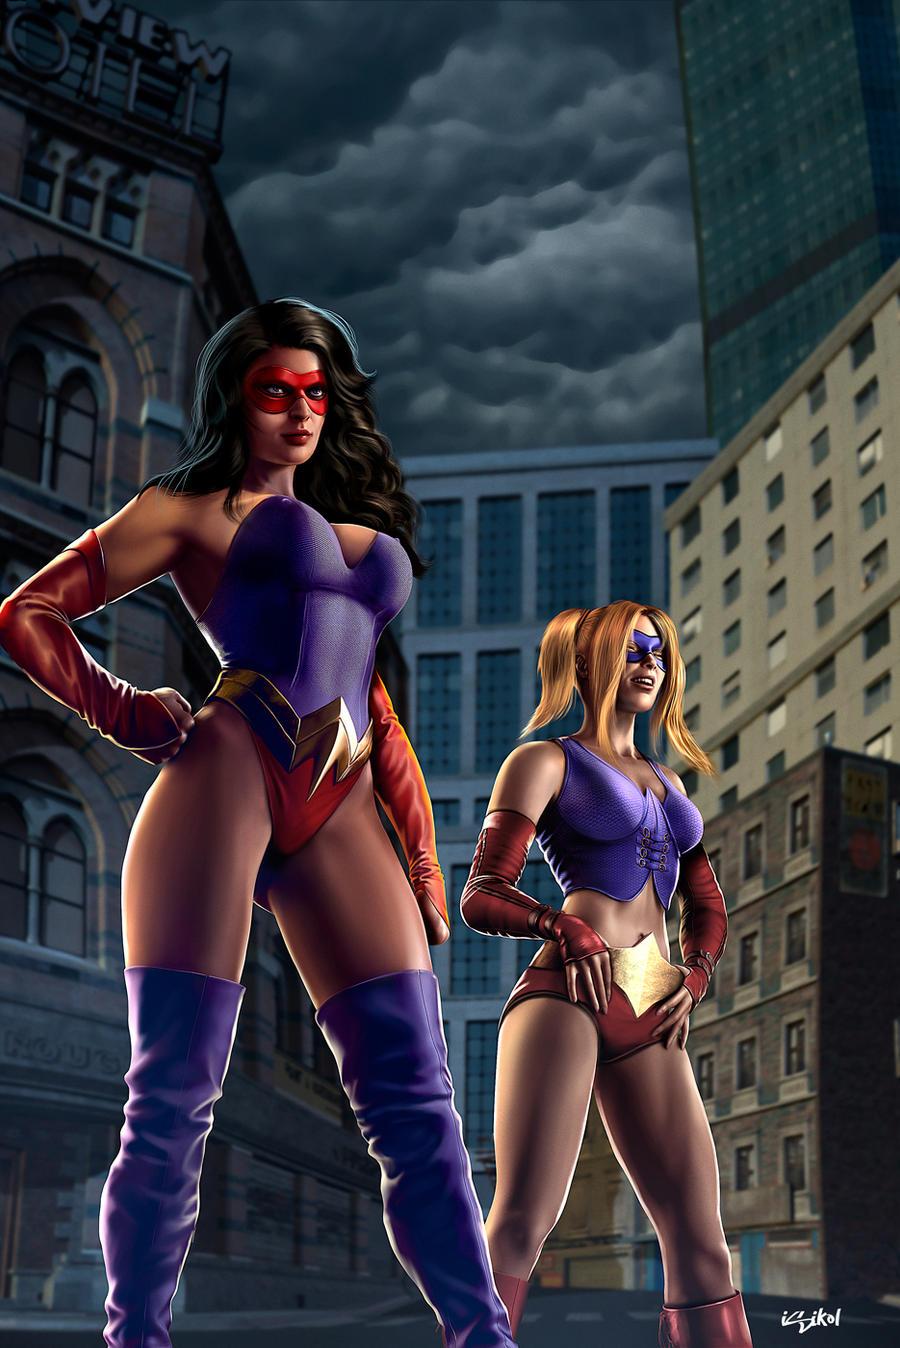 MS AMAZING - Vigilante Justice by isikol